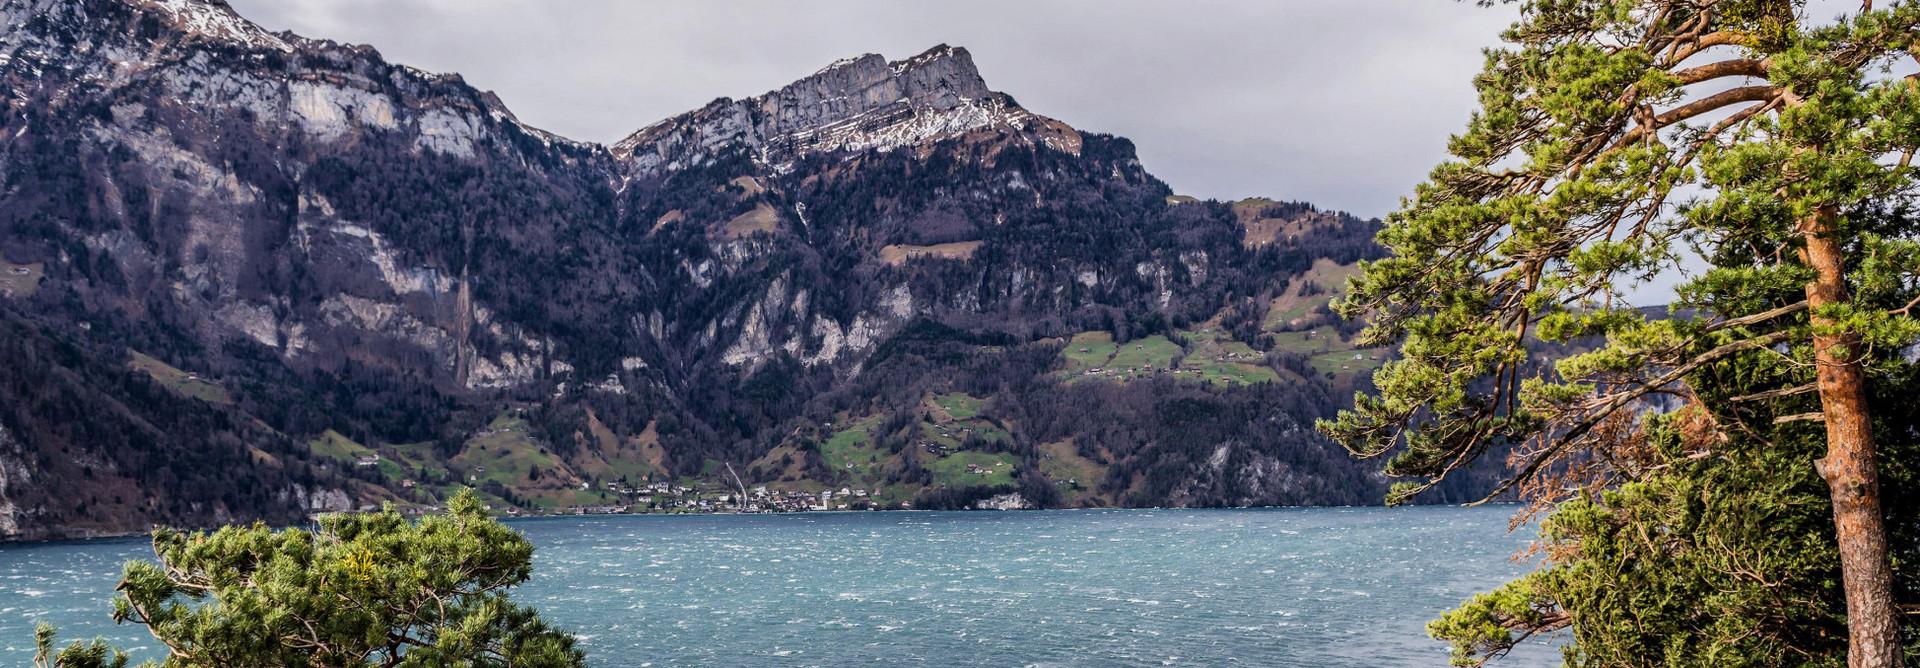 Der Föhn bläst stark über den Vierwaldstättersee und lässt die Wellen hoch schlagen.